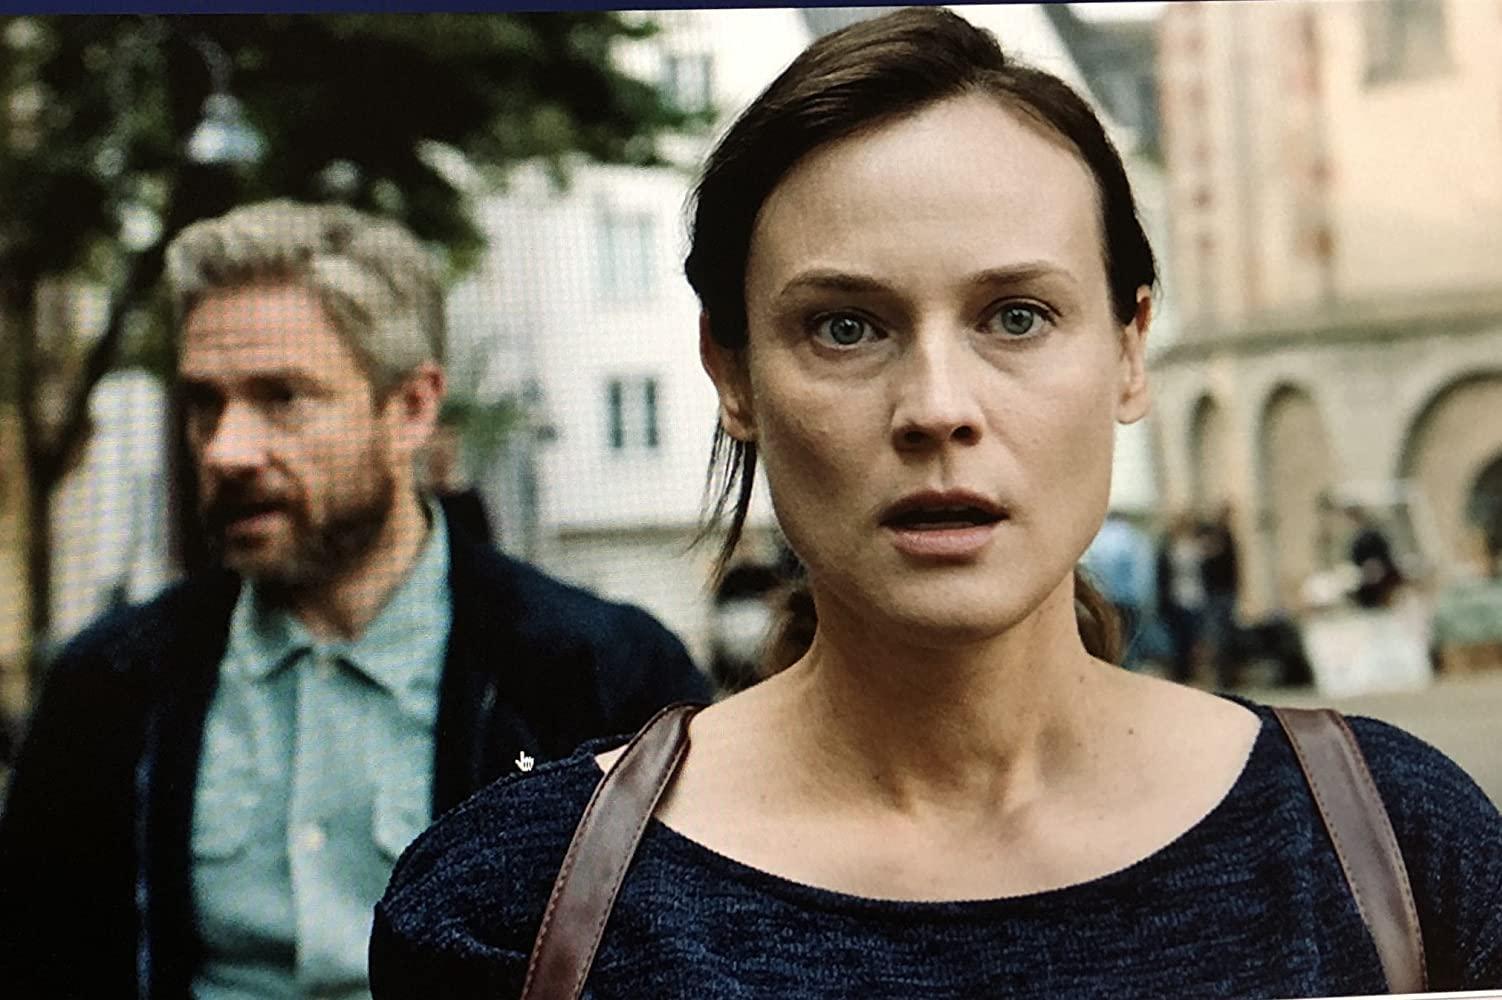 مشاهدة فيلم The Operative (2019) مترجم HD اون لاين